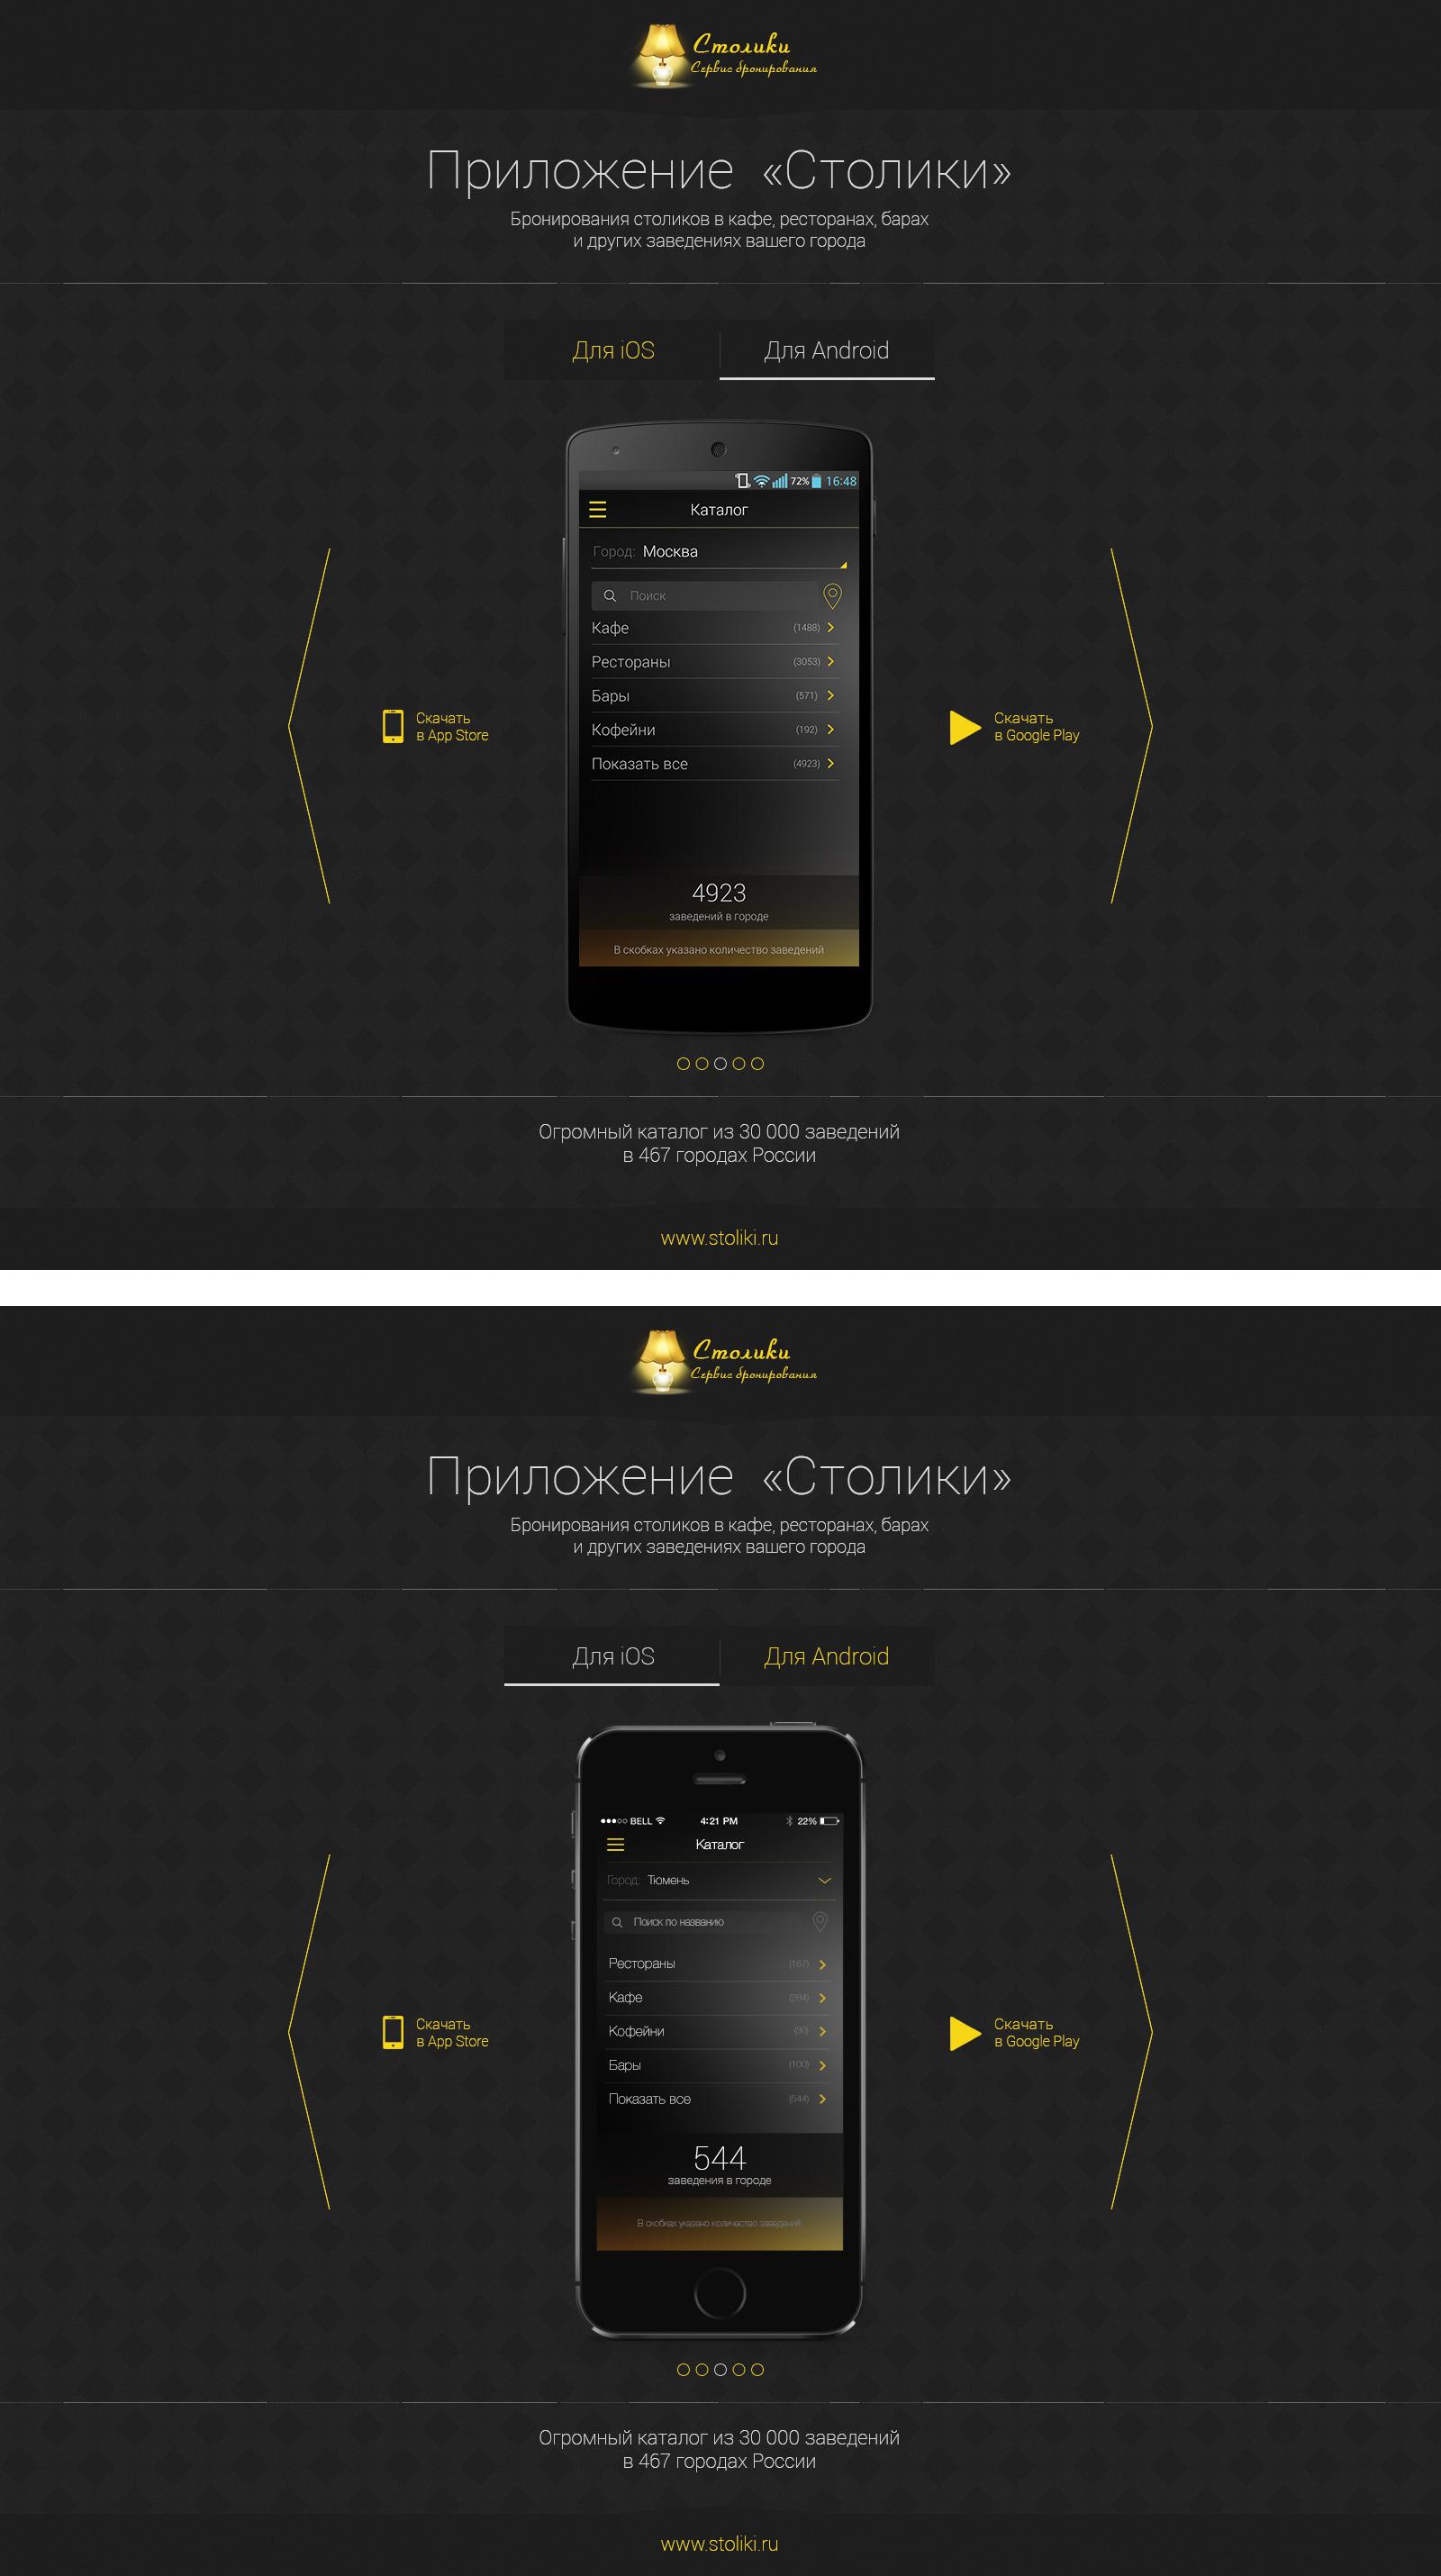 Столики - Landing page мобильного приложения